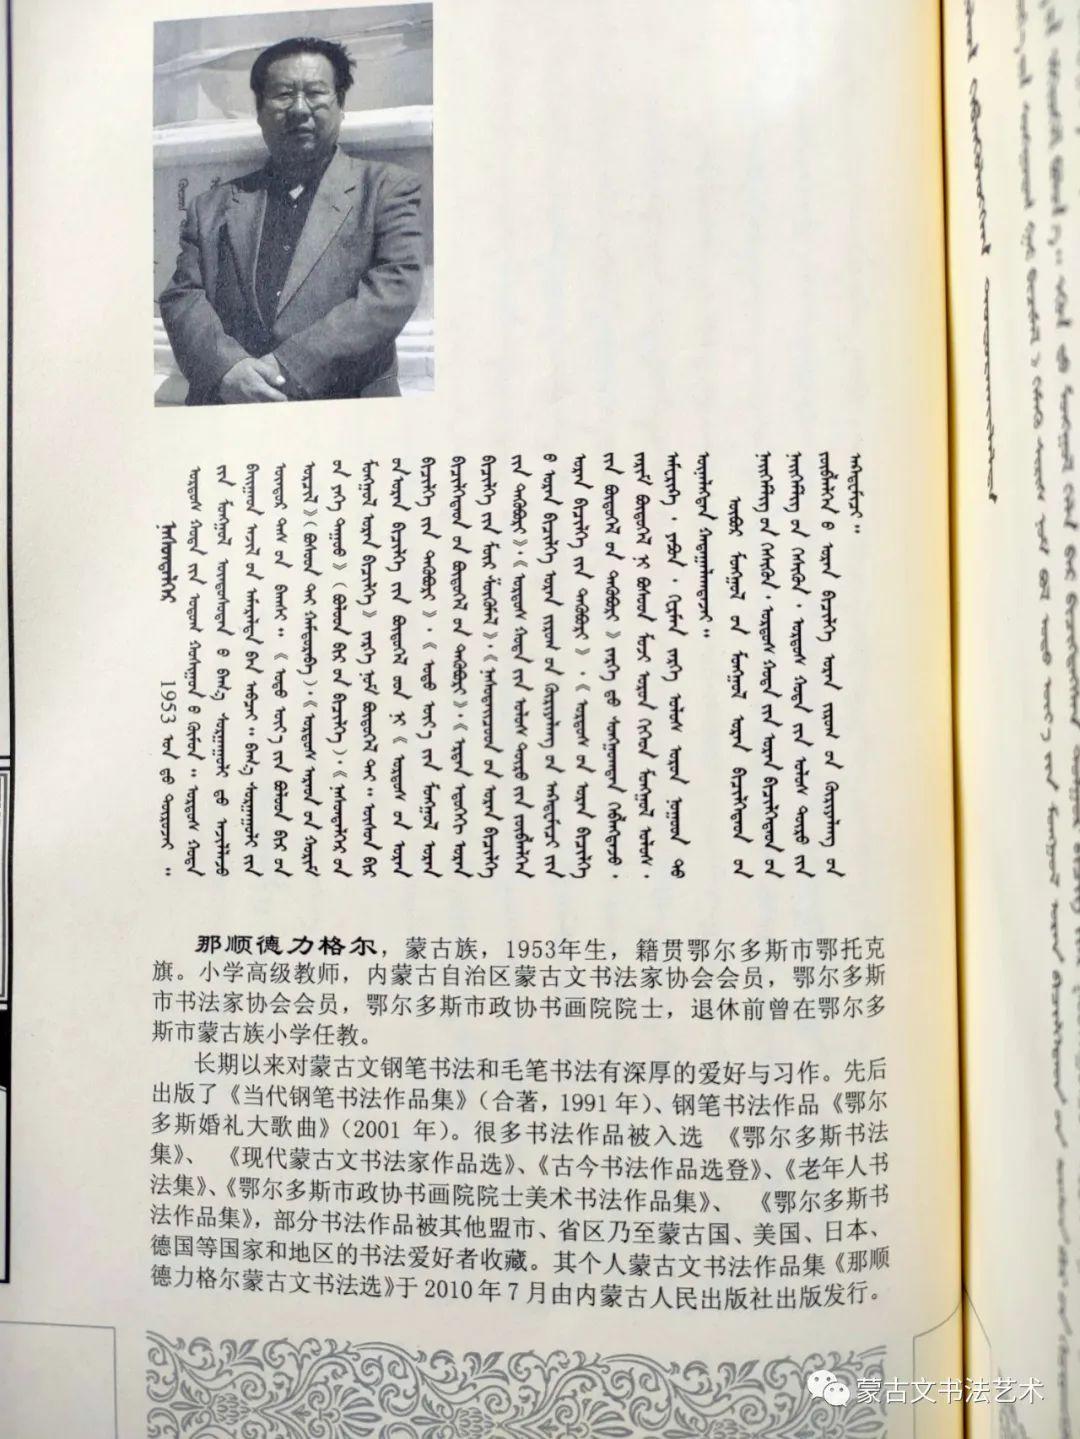 蒙古文经典文献当代书法名家手抄本之那顺德力格尔《蒙古黄金史纲》 第5张